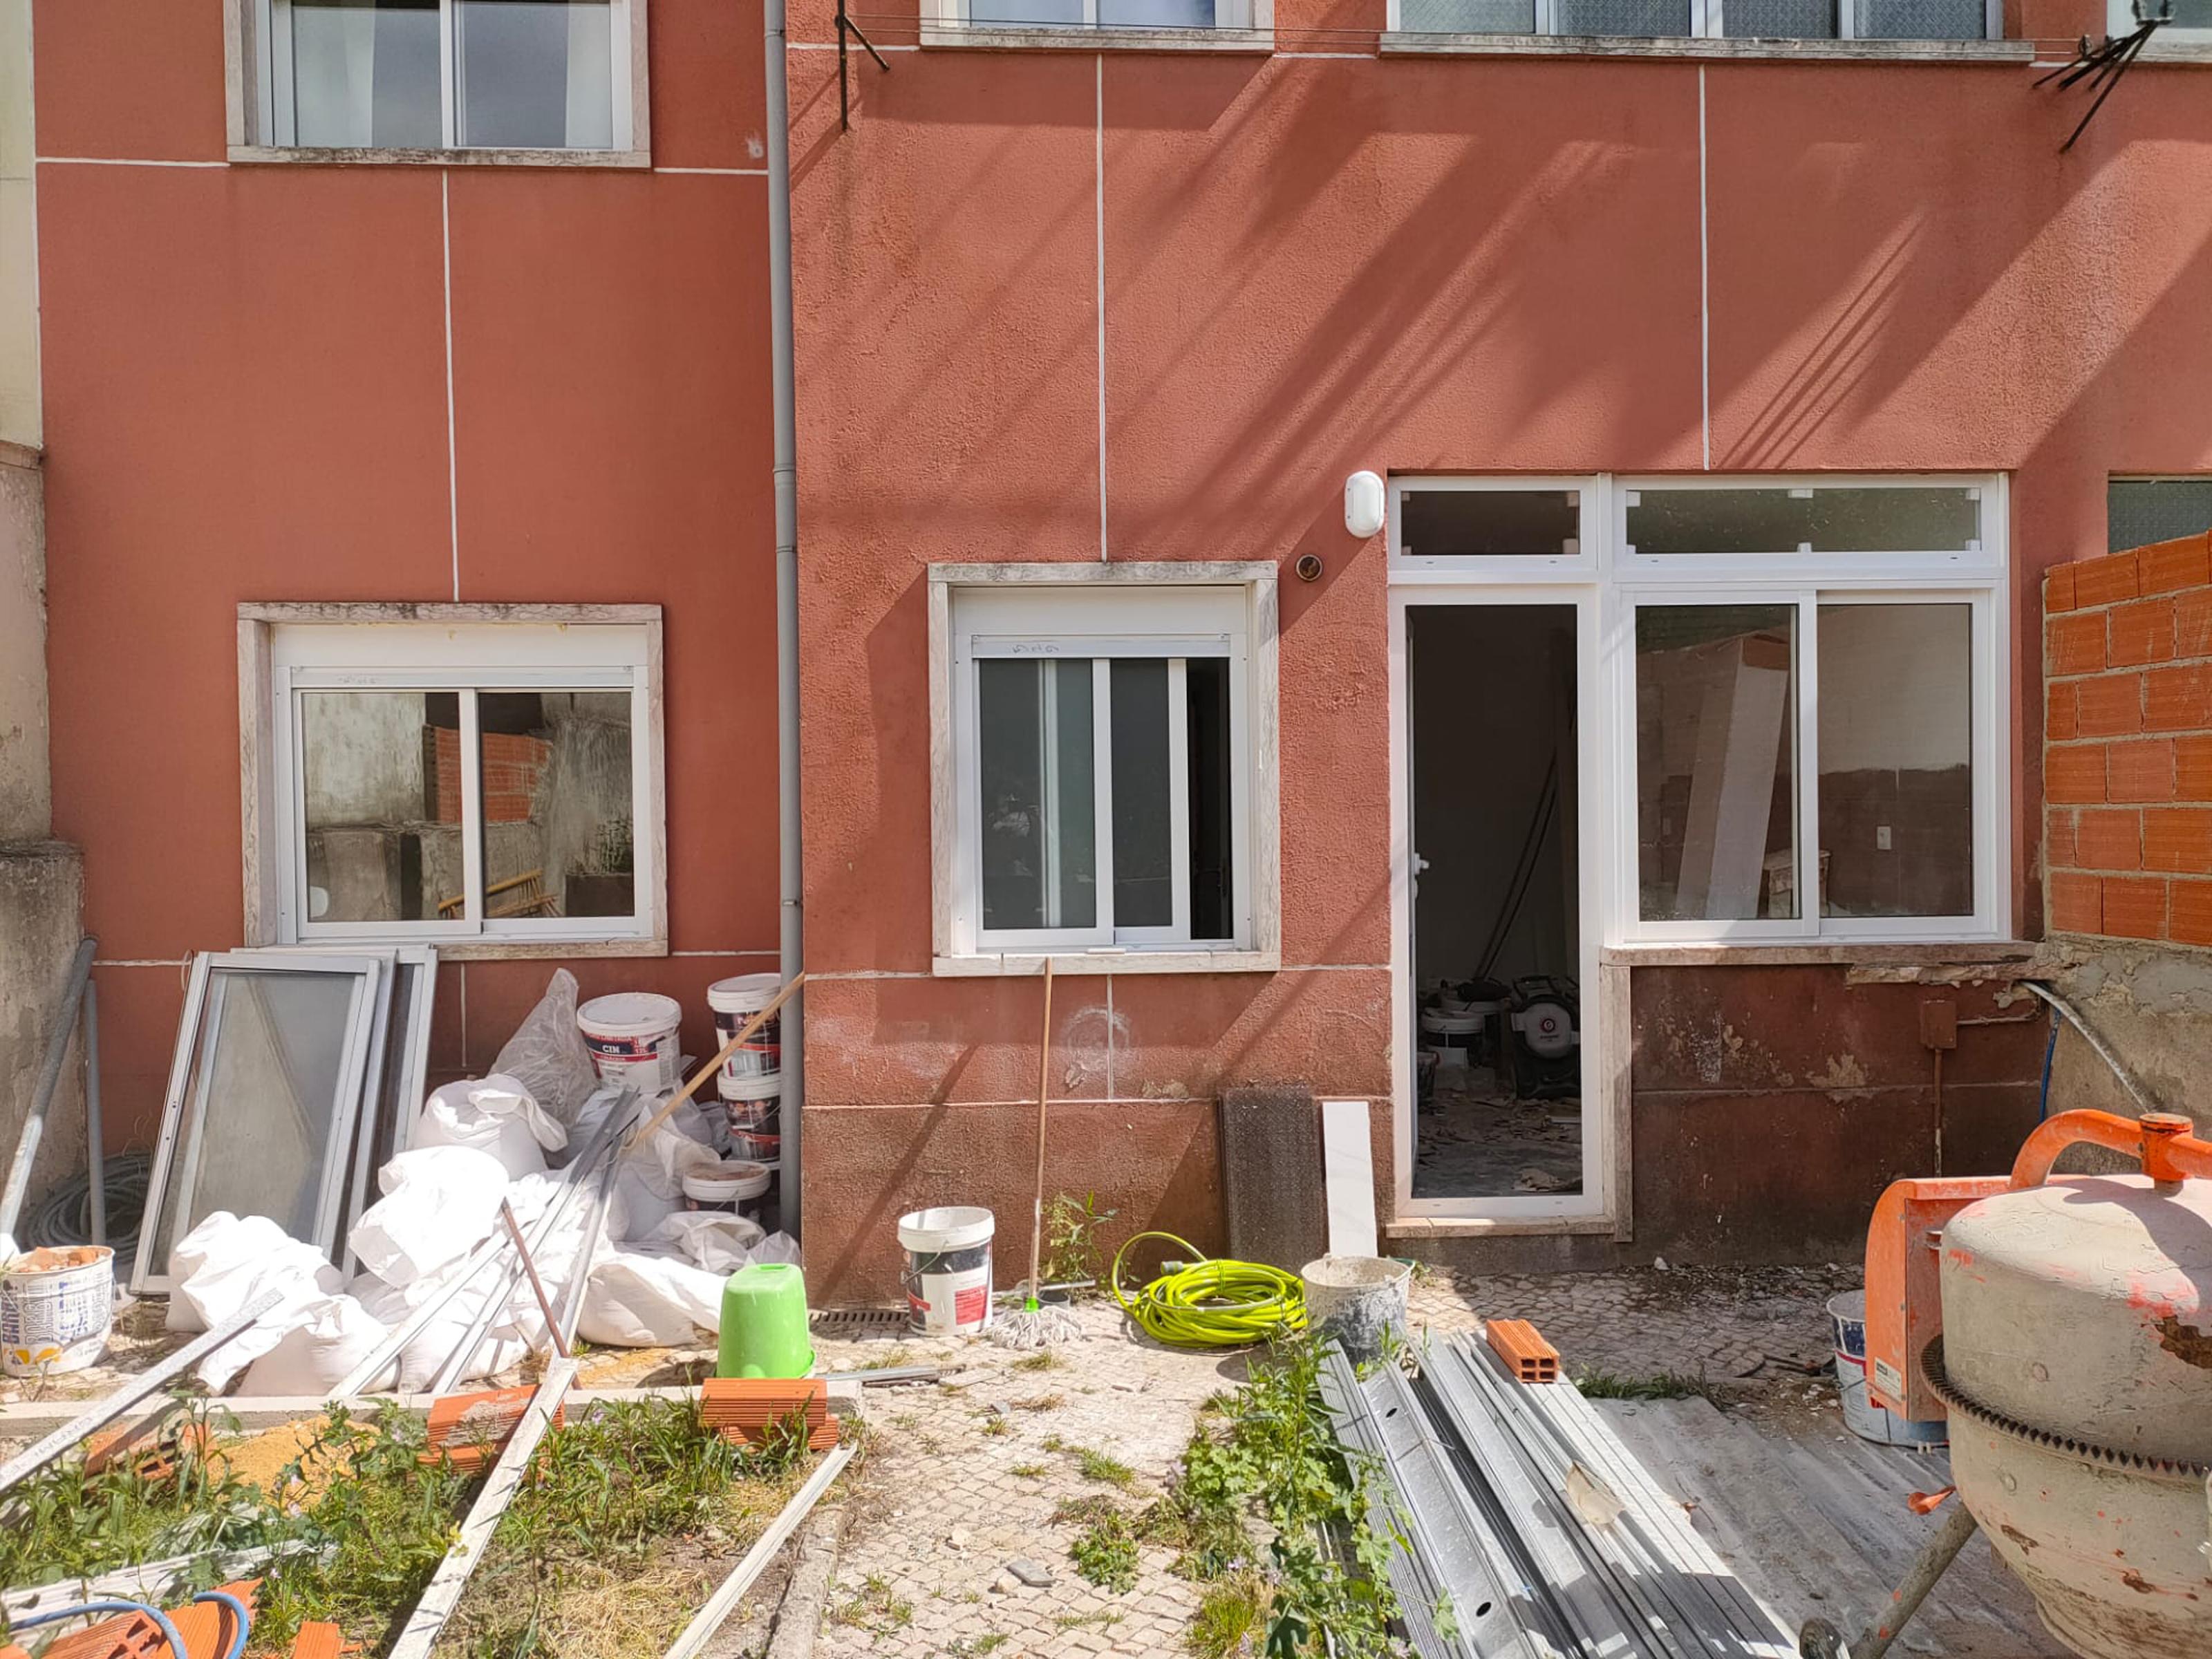 דירת 3 חדרים+חצר, מטרופולין ליסבון